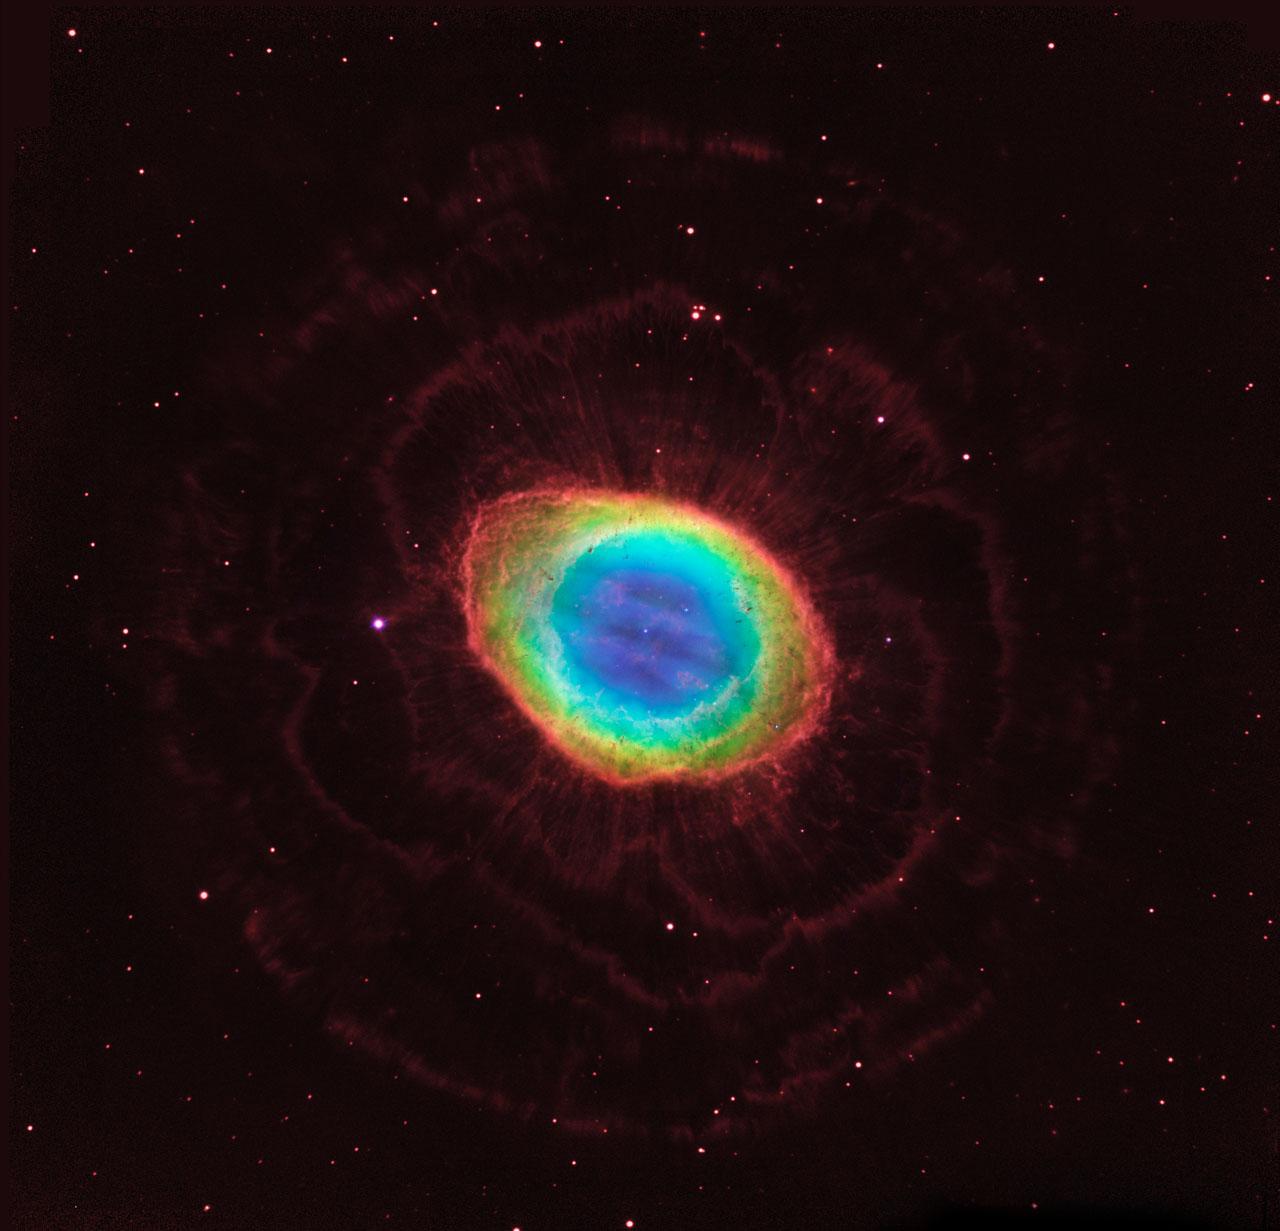 NASA - Hubble reveals the Ring Nebula's true shape